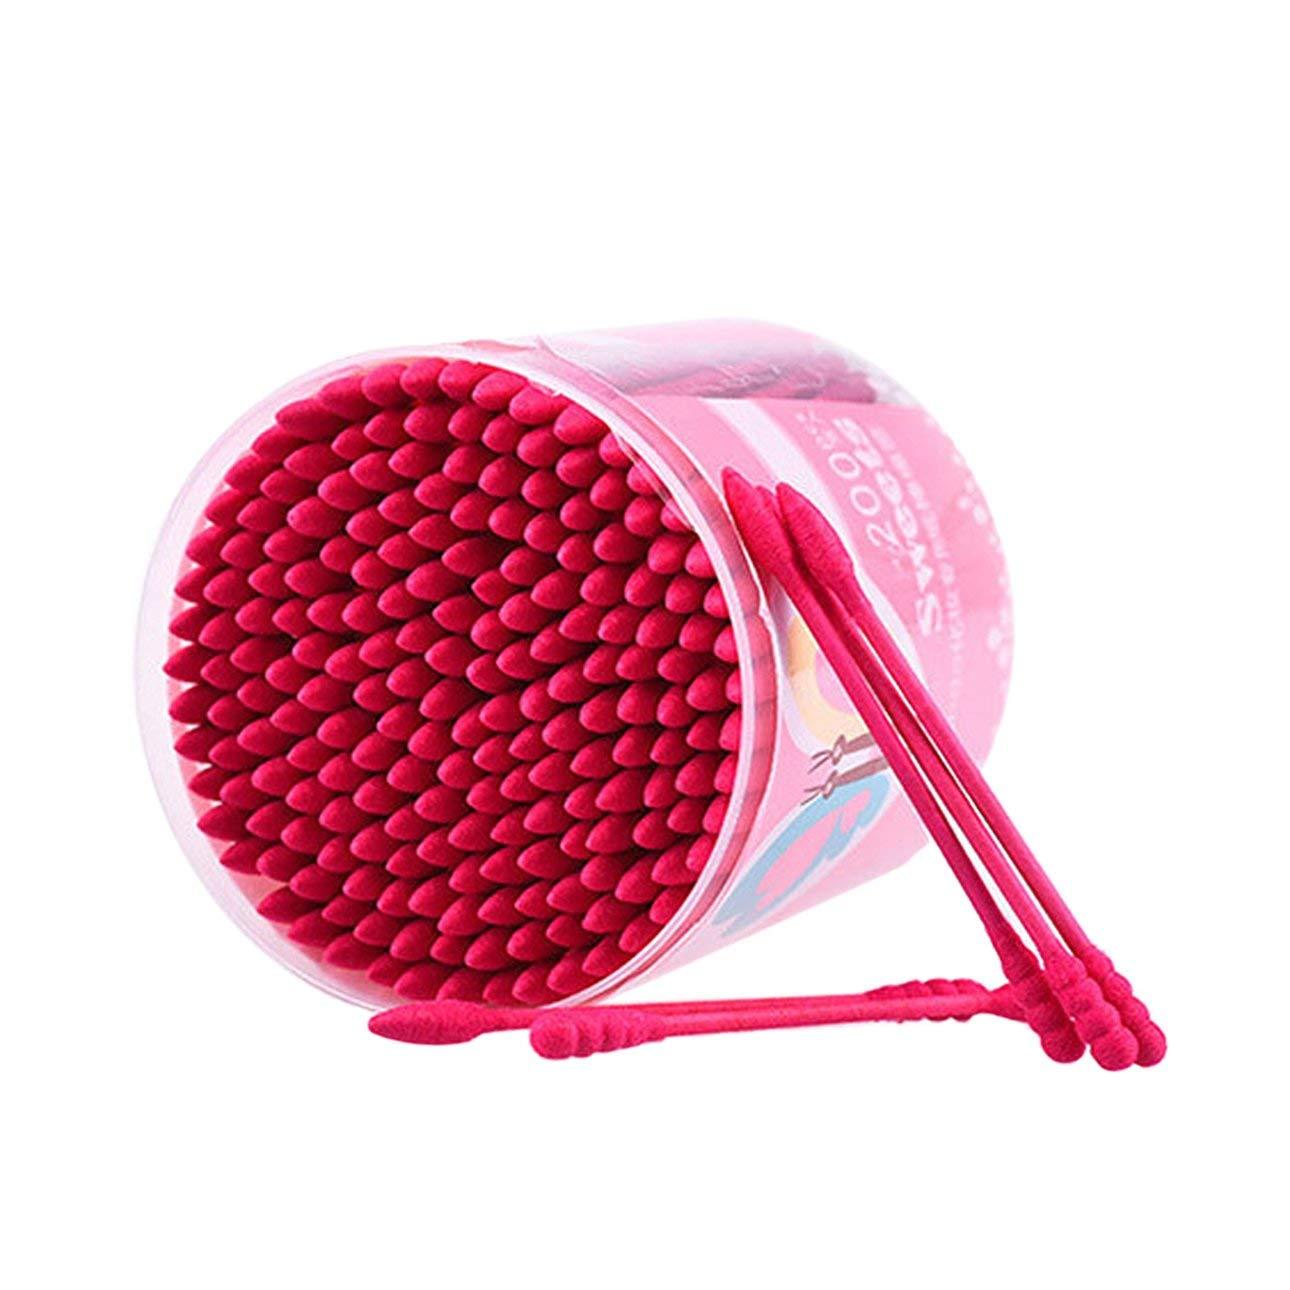 Ballylelly da 200pcs Nanda/Makeup box Cotton fioc monouso doppia testa Ended Cotton fioc